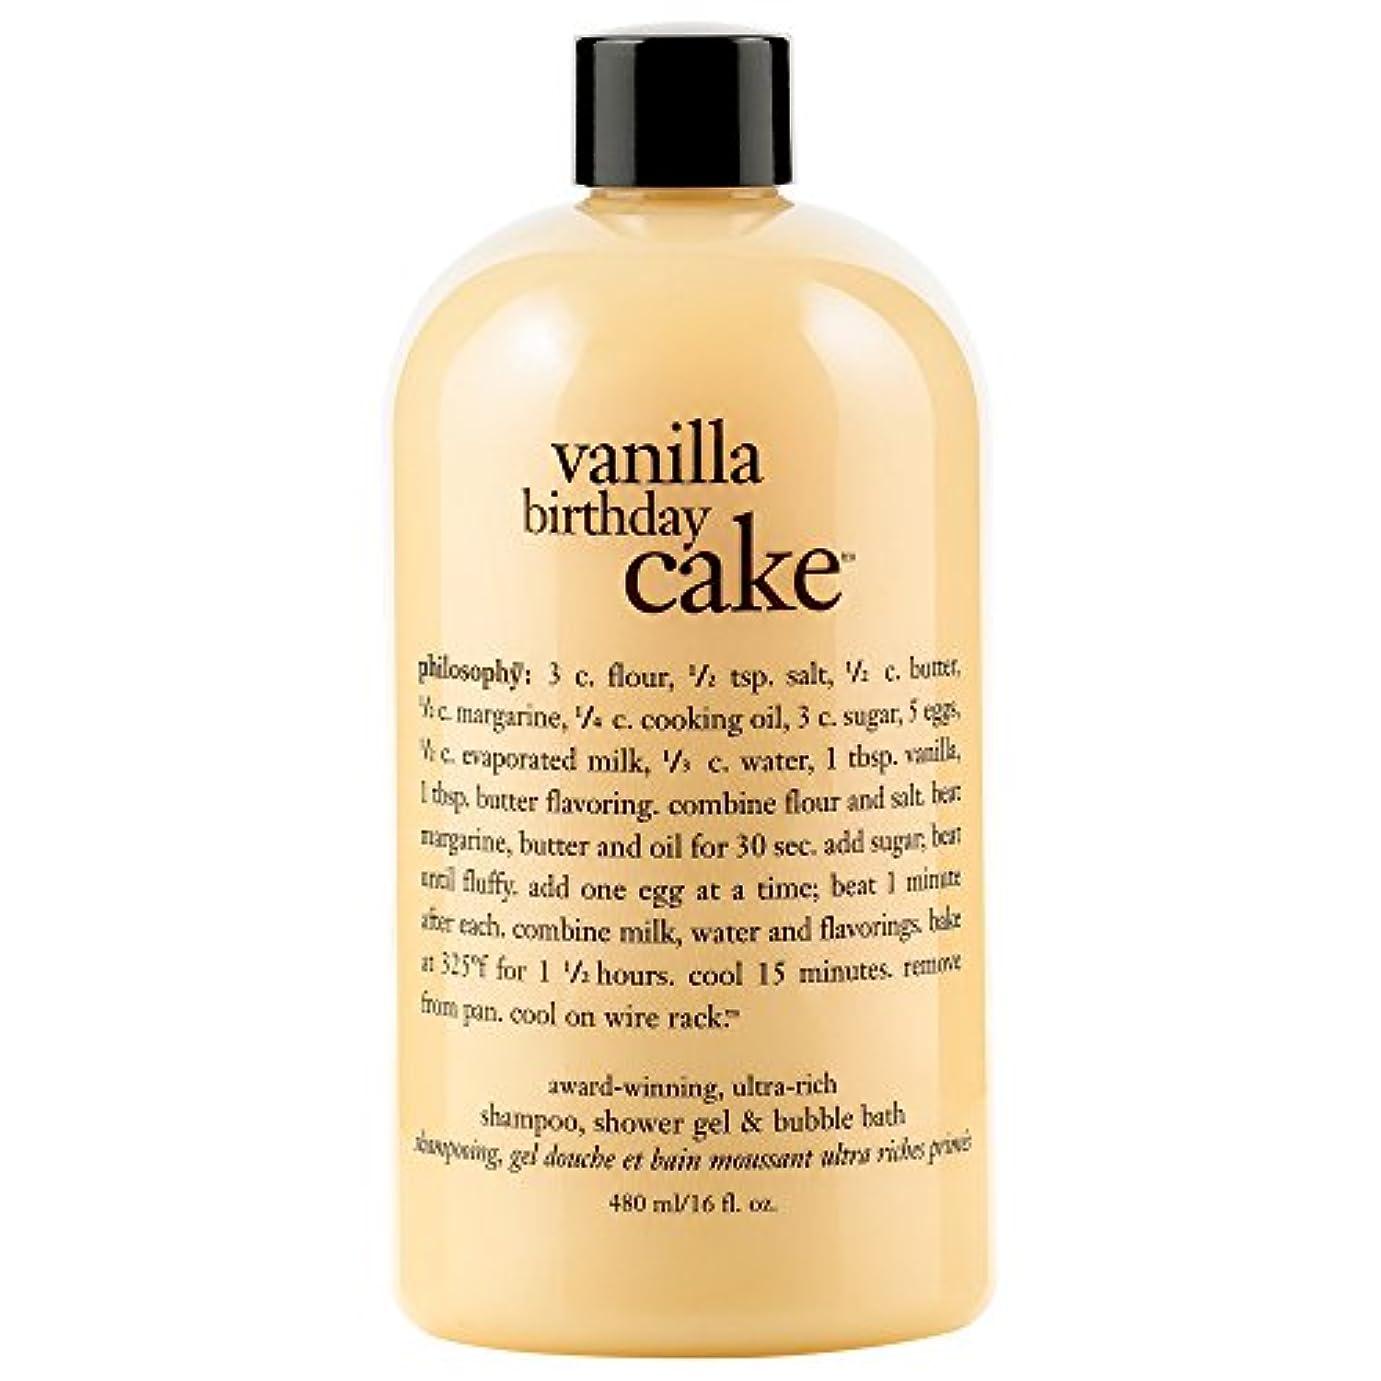 相談する複雑出席哲学バニラバースデーケーキシャンプー/シャワージェル/バブルバス480ミリリットル (Philosophy) (x2) - Philosophy Vanilla Birthday Cake Shampoo/Shower...